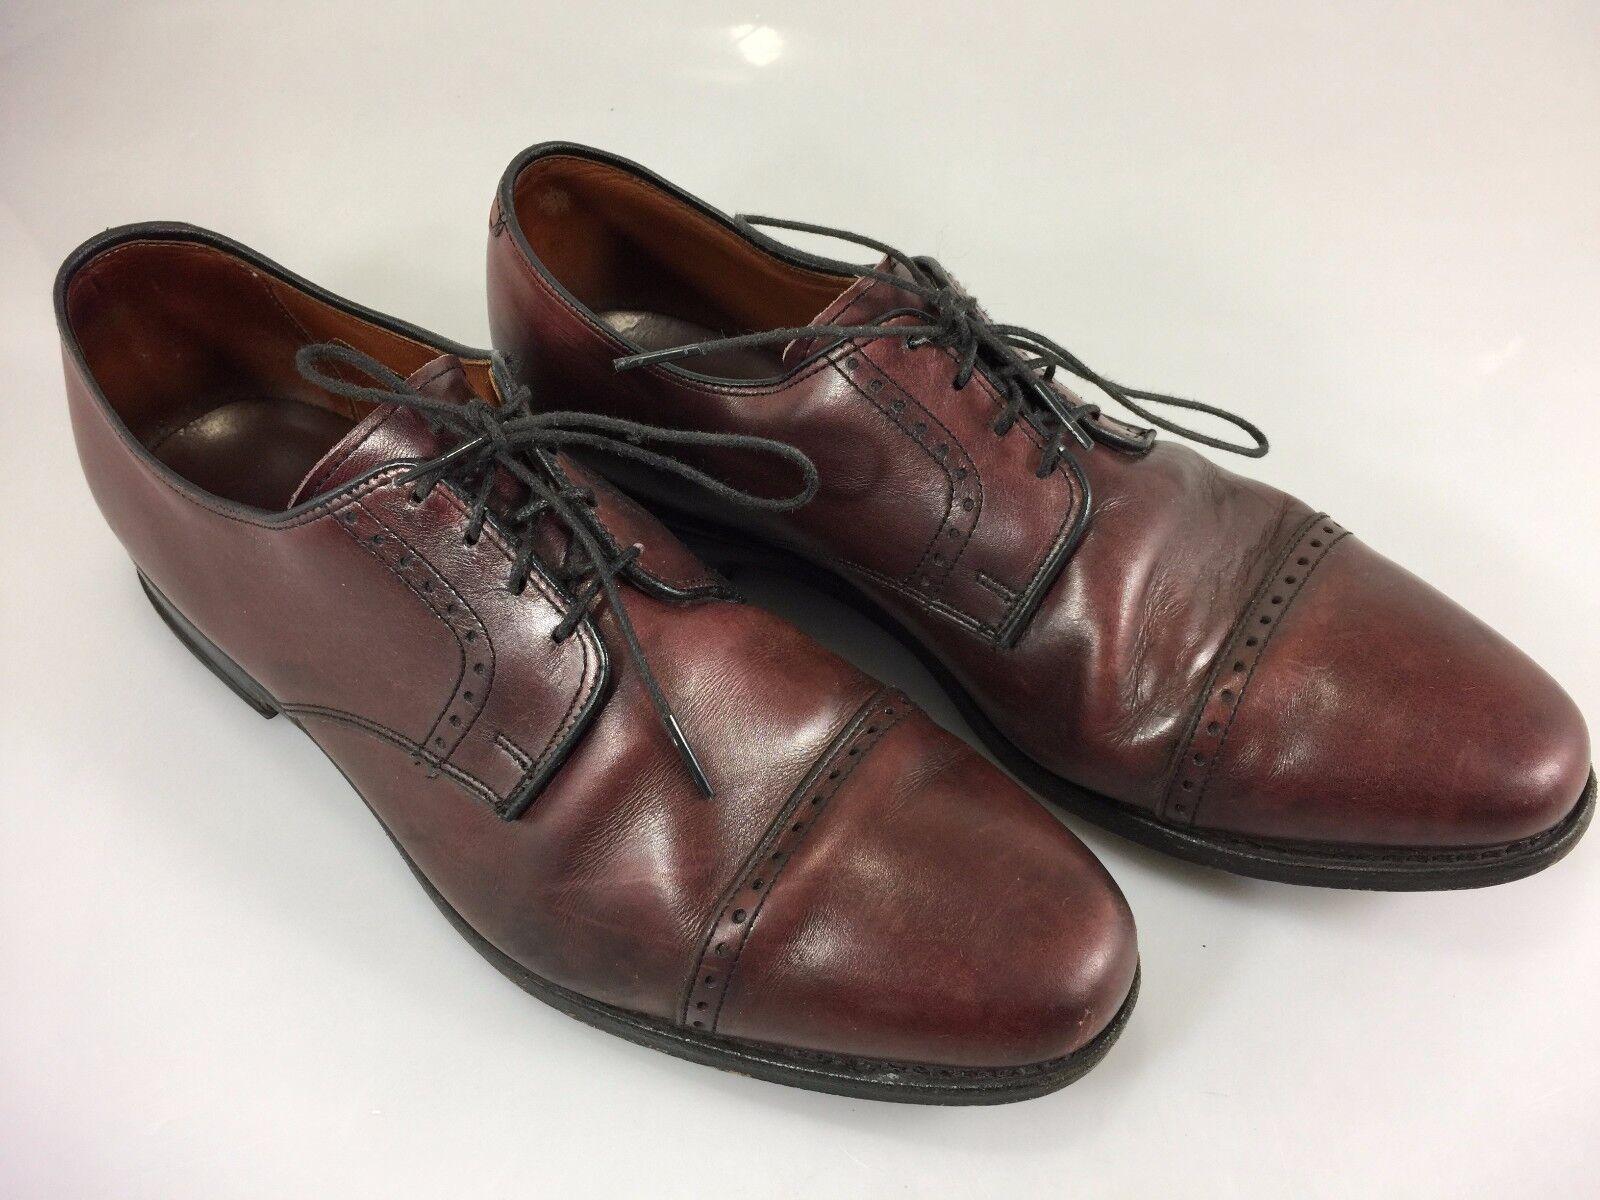 Zapatos De Cuero Allen Edmonds Clifton Marrón para Hombre 11 D Cap Toe Oxford Vestido